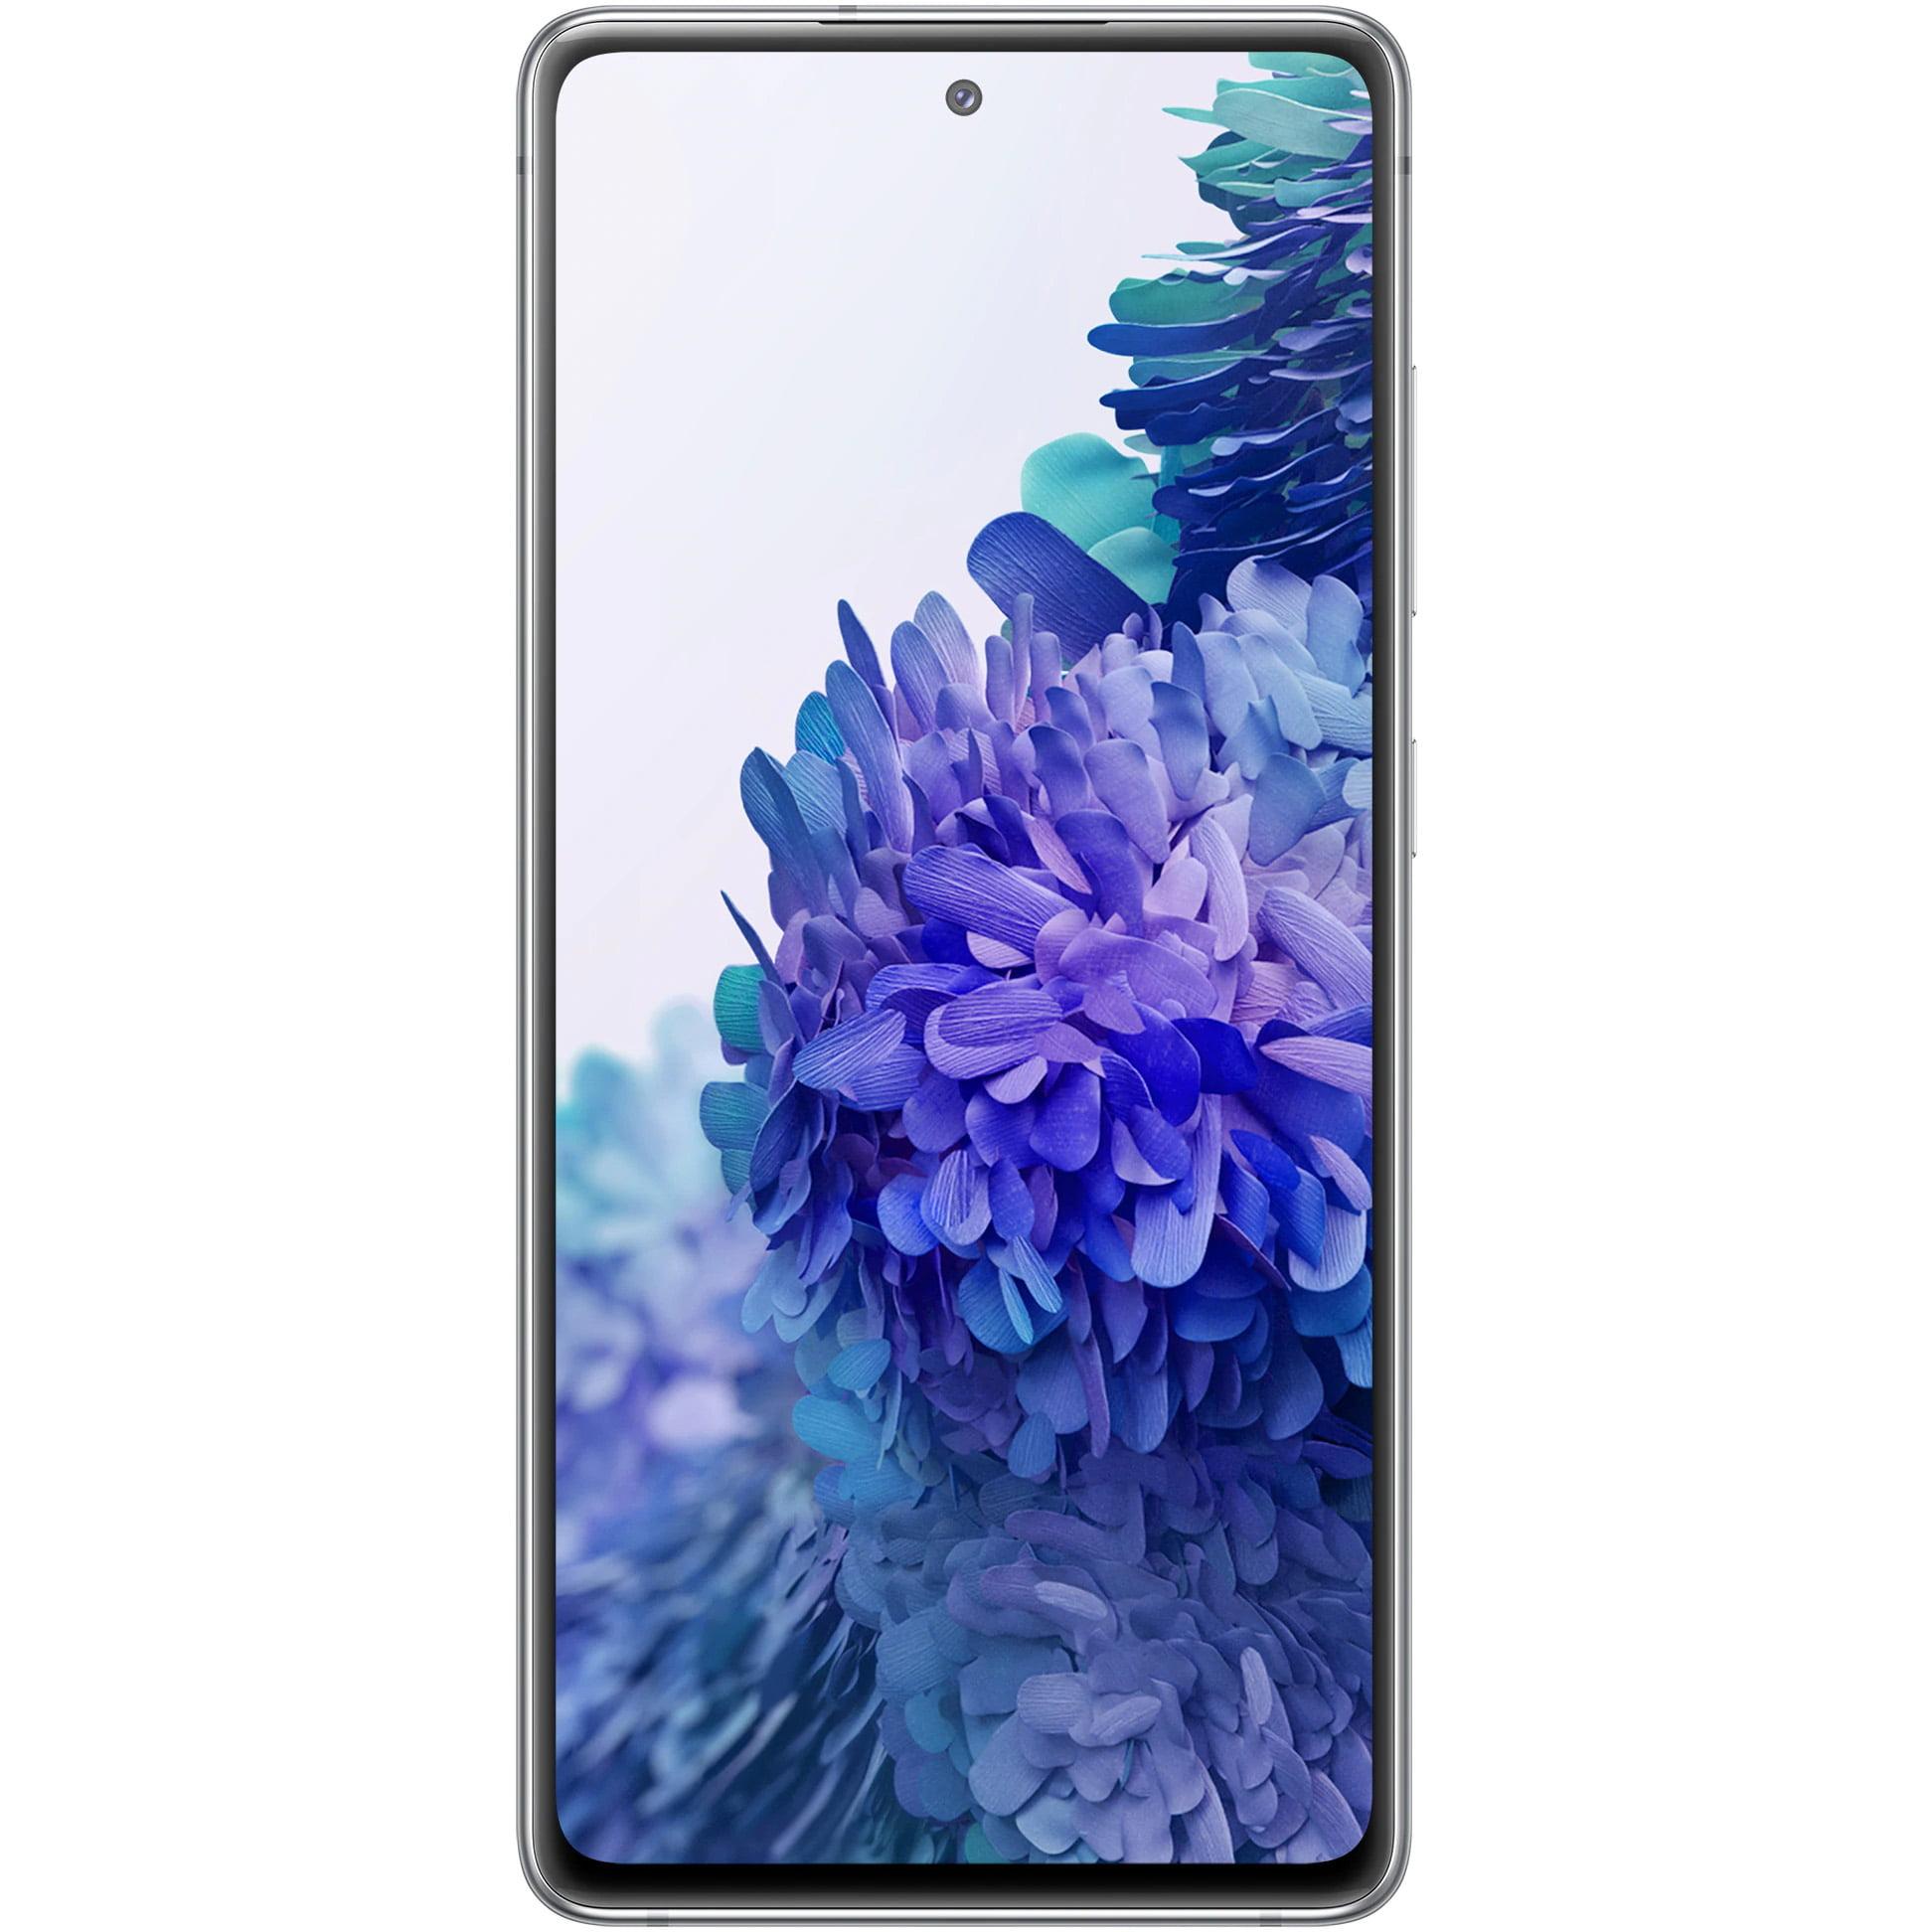 Telefon mobil Samsung Galaxy S20 FE, Dual SIM, 128GB, 6GB RAM, 4G, Cloud White